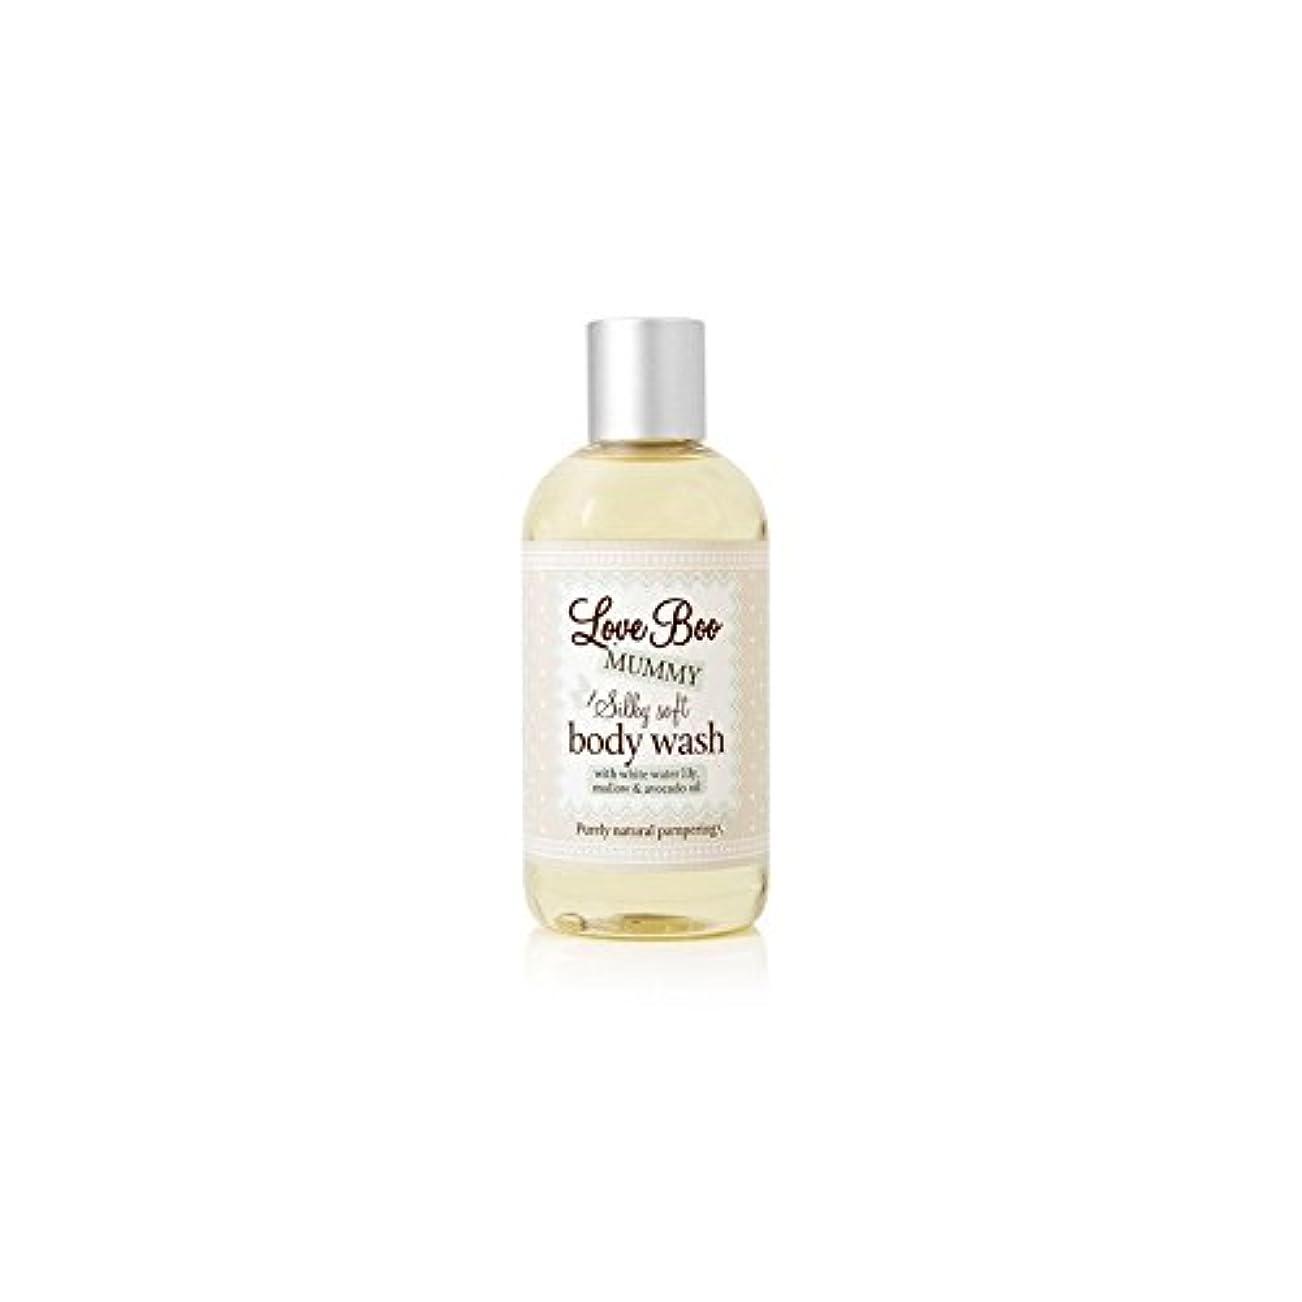 絶えずジャベスウィルソン悪性Love Boo Silky Soft Body Wash (250ml) - 絹のようなソフトボディウォッシュ(250ミリリットル)愛 [並行輸入品]